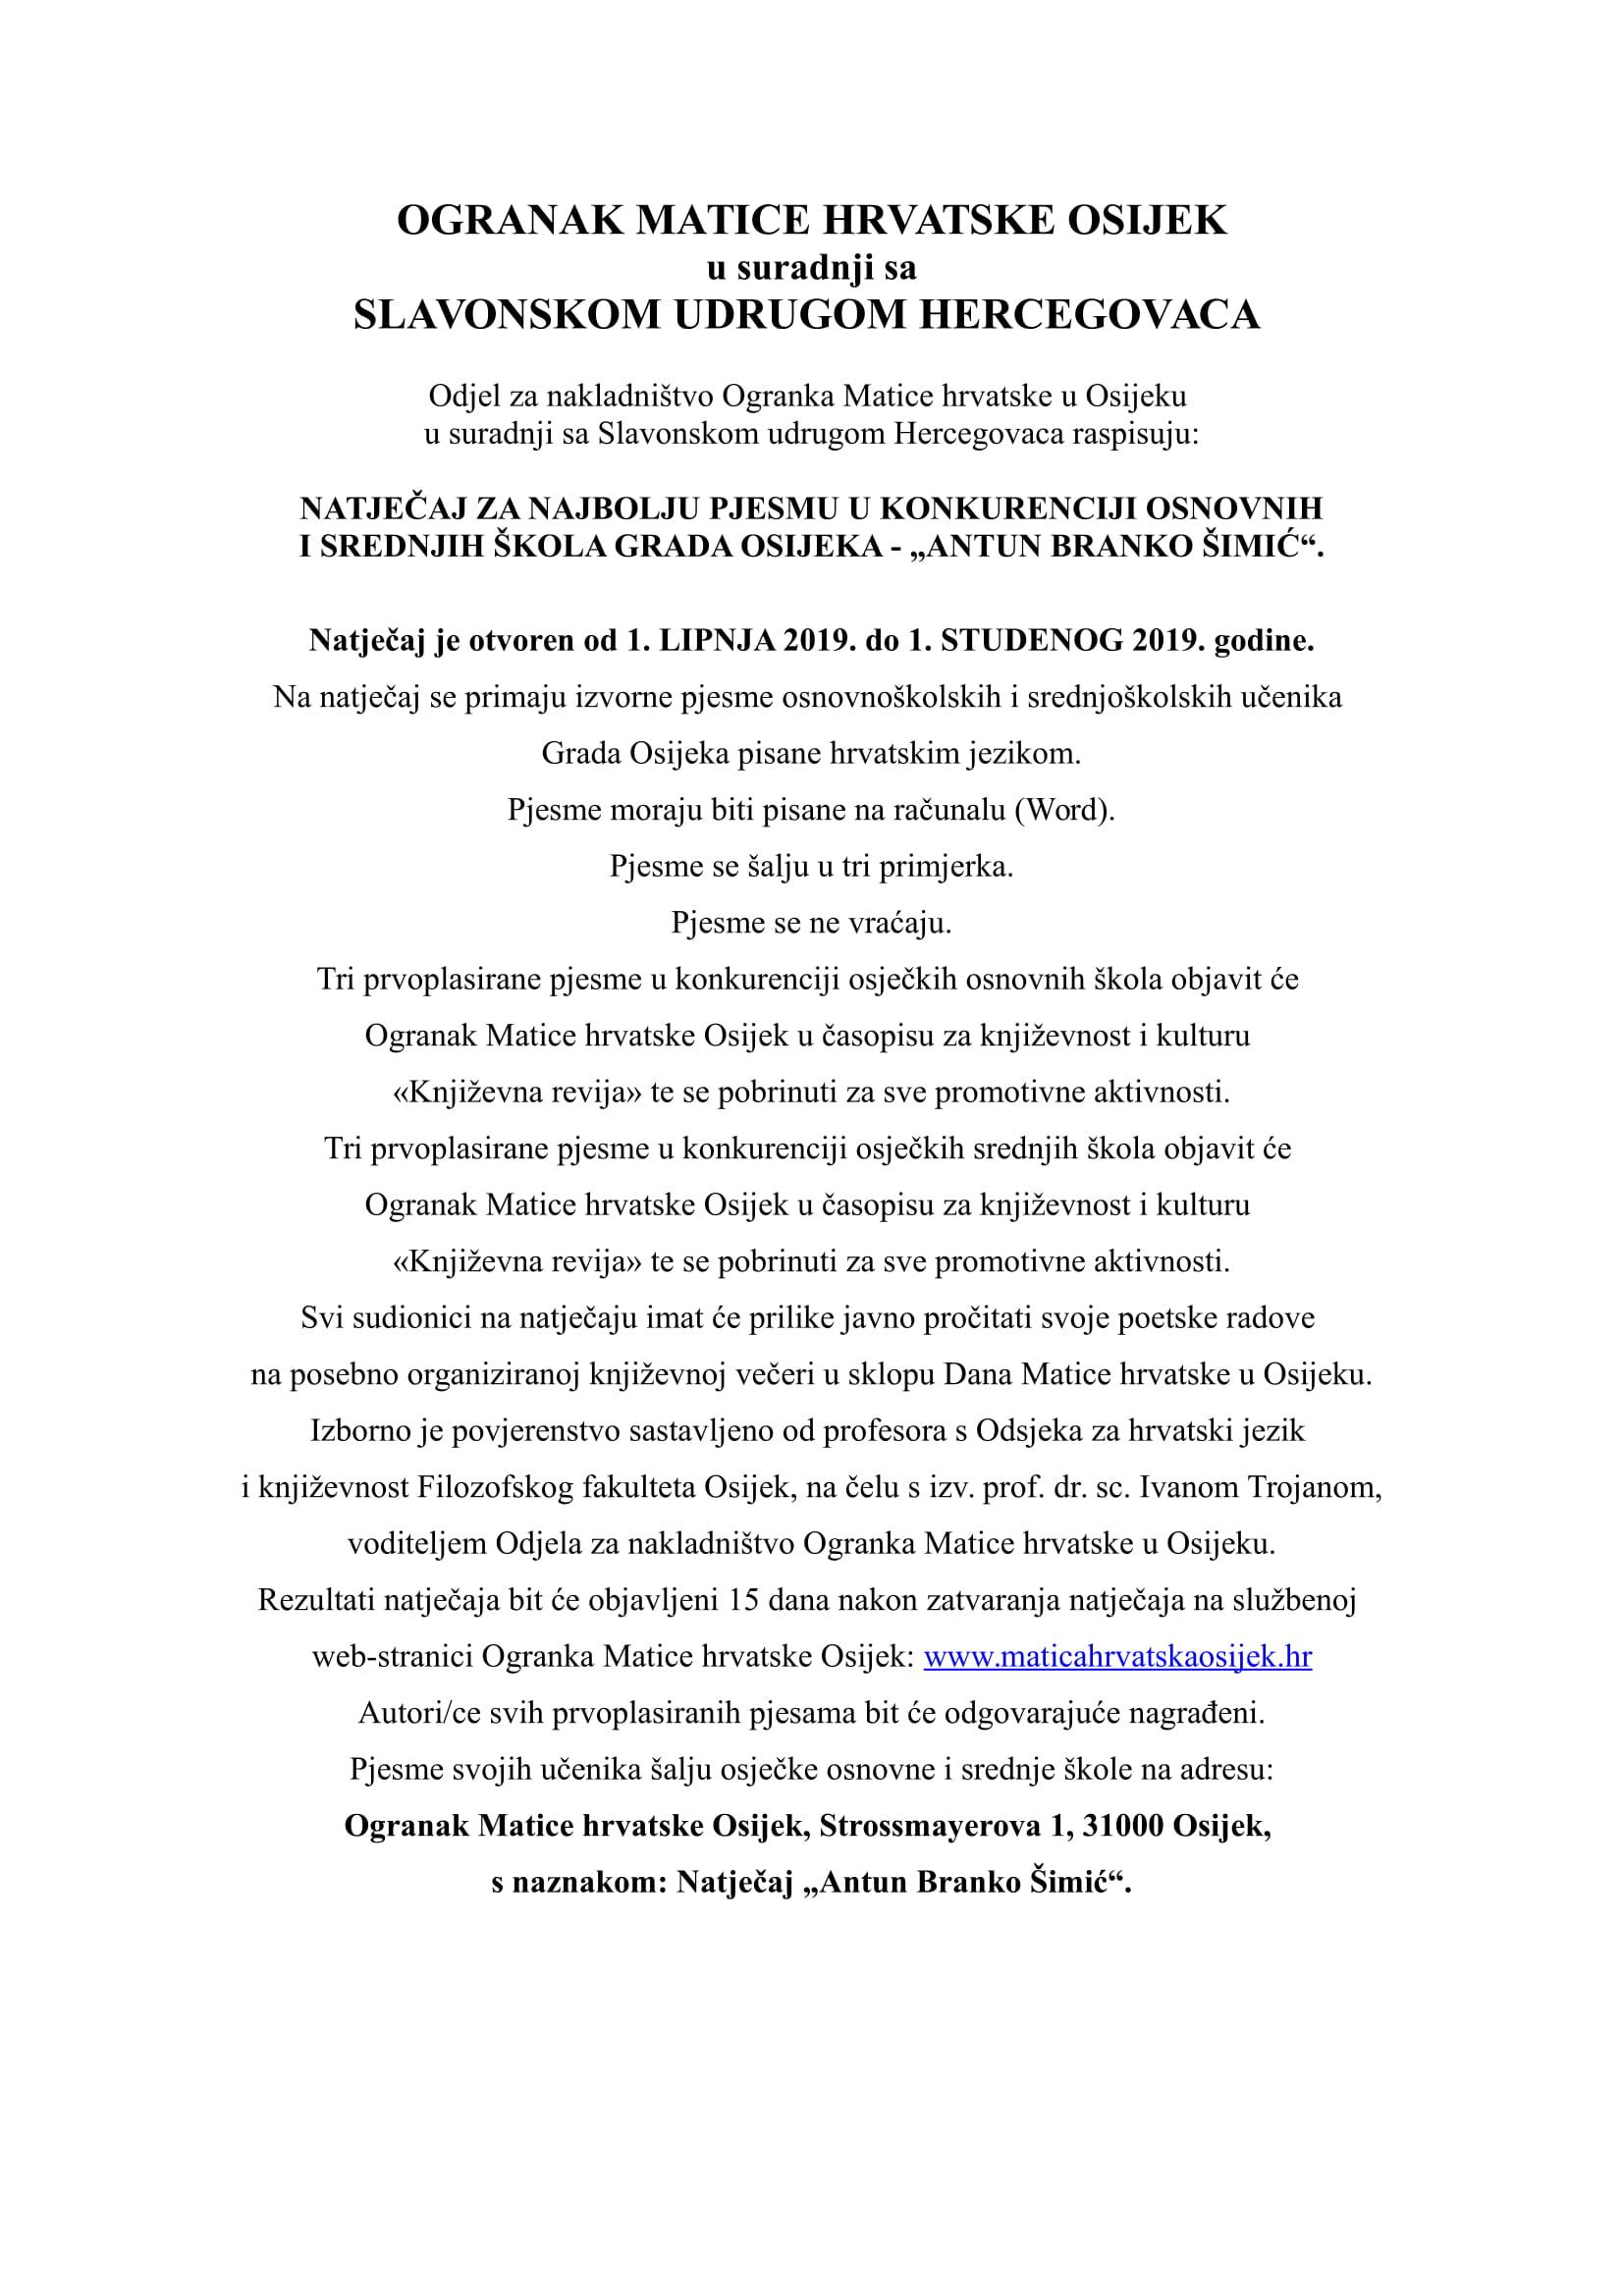 Natječaj-A-B-ŠIMIĆ-OS-2019-1